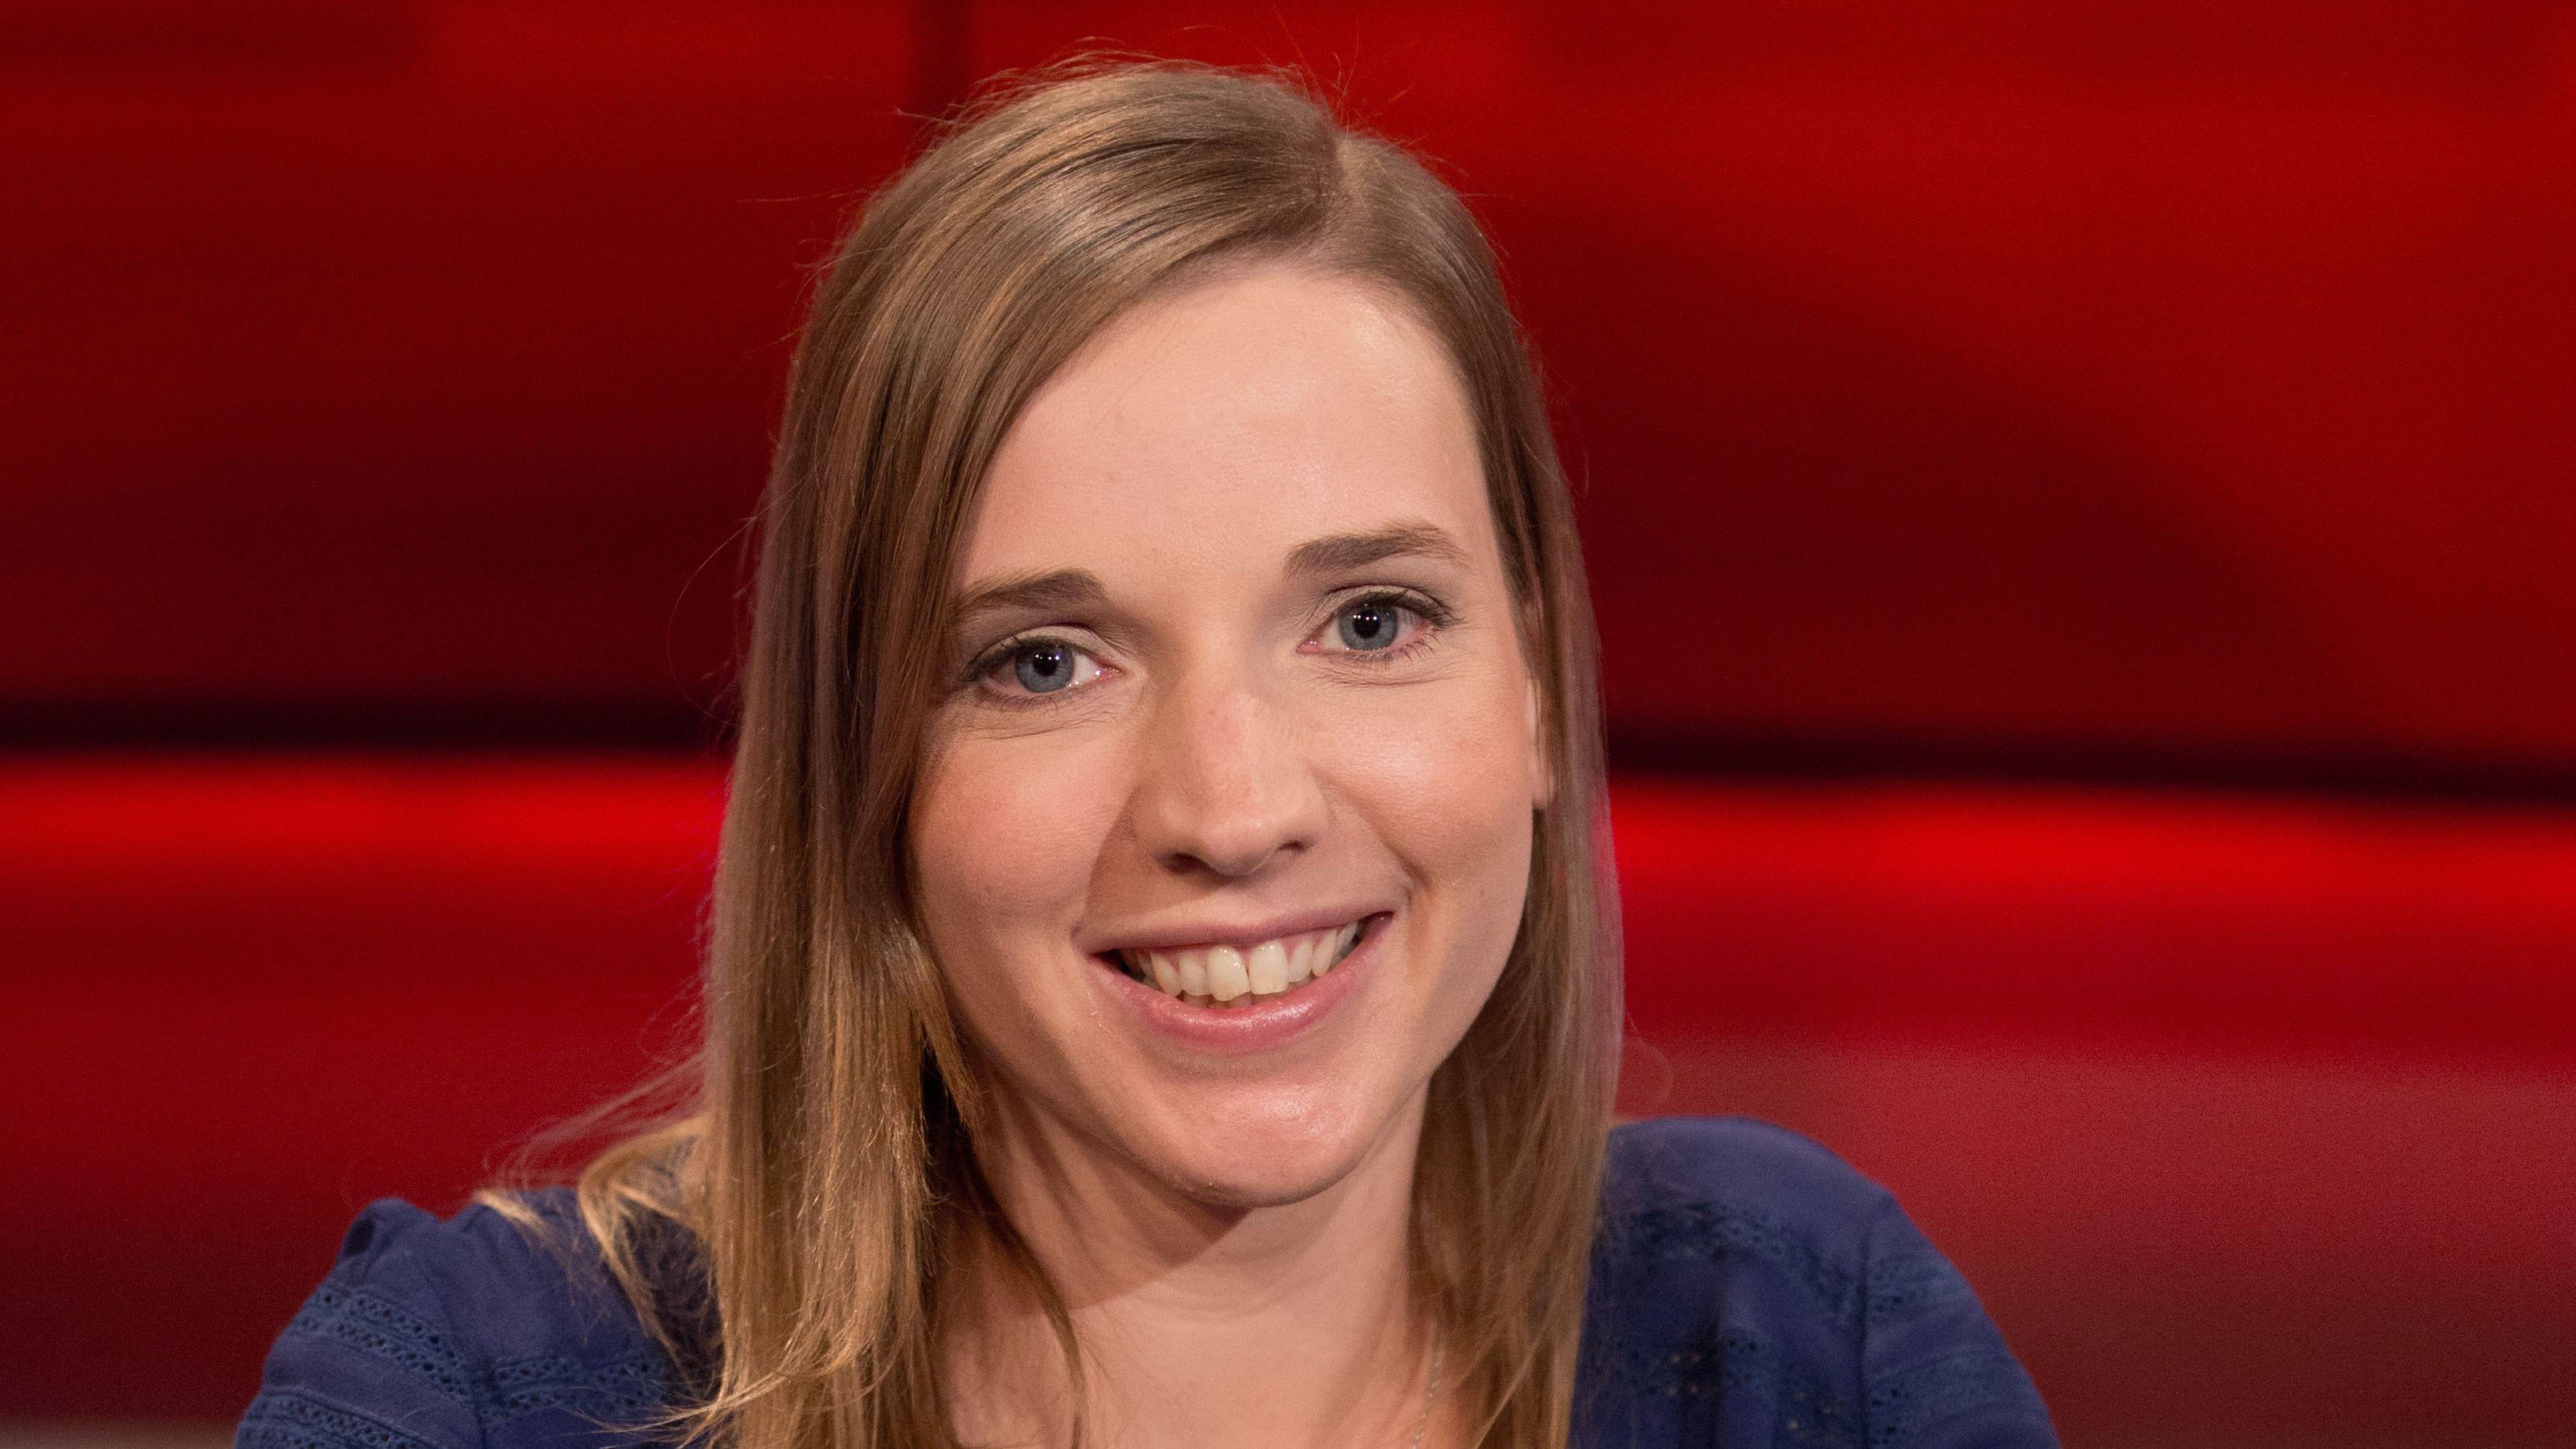 Anne Wizorek sitzt vor einer roten Wand und blickt lächelnd in die Kamera